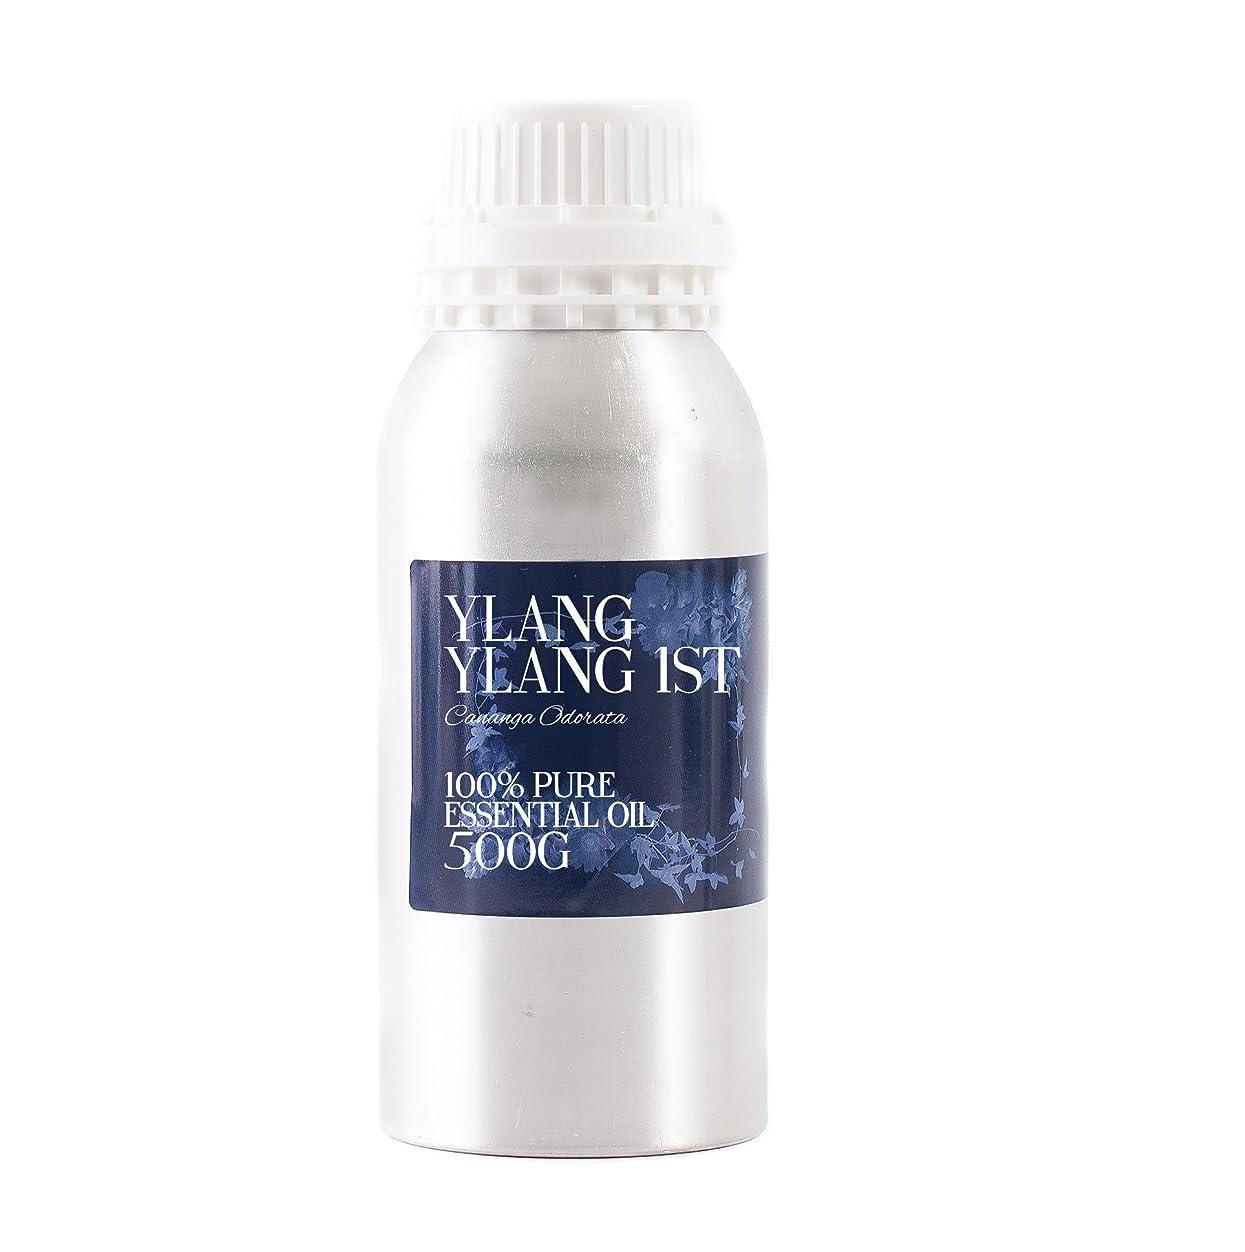 アンタゴニスト伴う物思いにふけるMystic Moments   Ylang Ylang 1st Essential Oil - 500g - 100% Pure